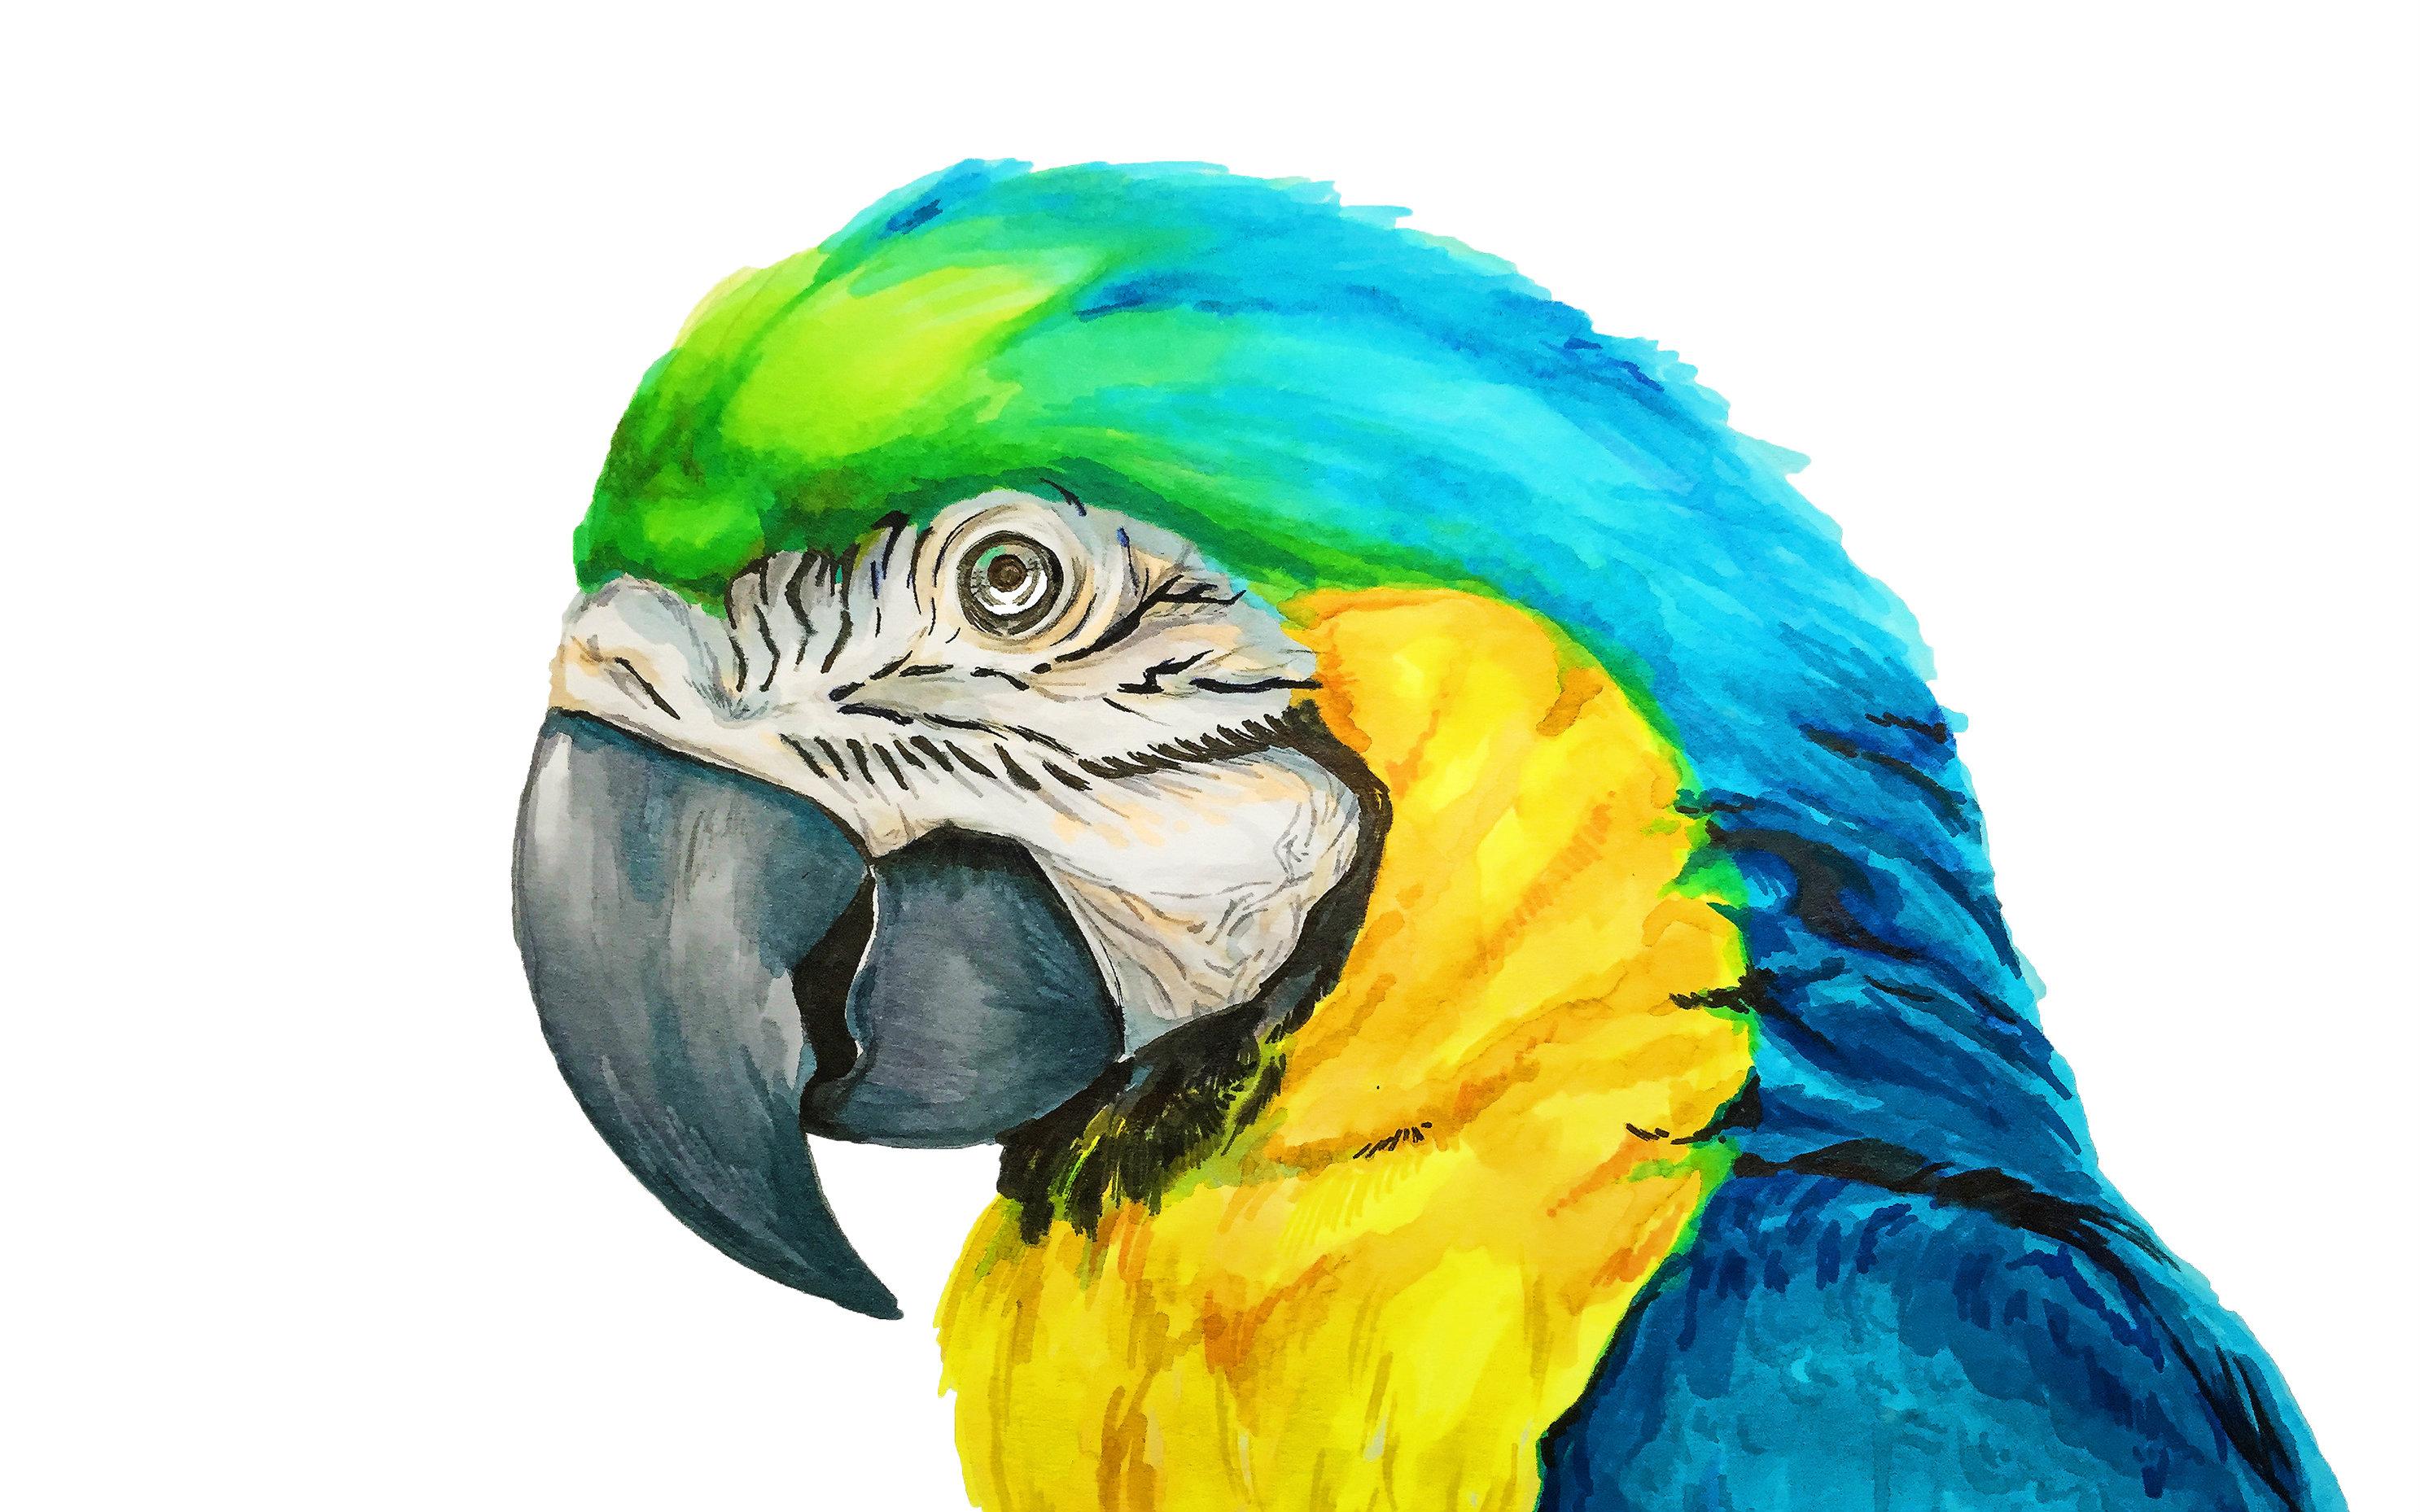 用马克笔画水彩鹦鹉(盗版笔的胜利)